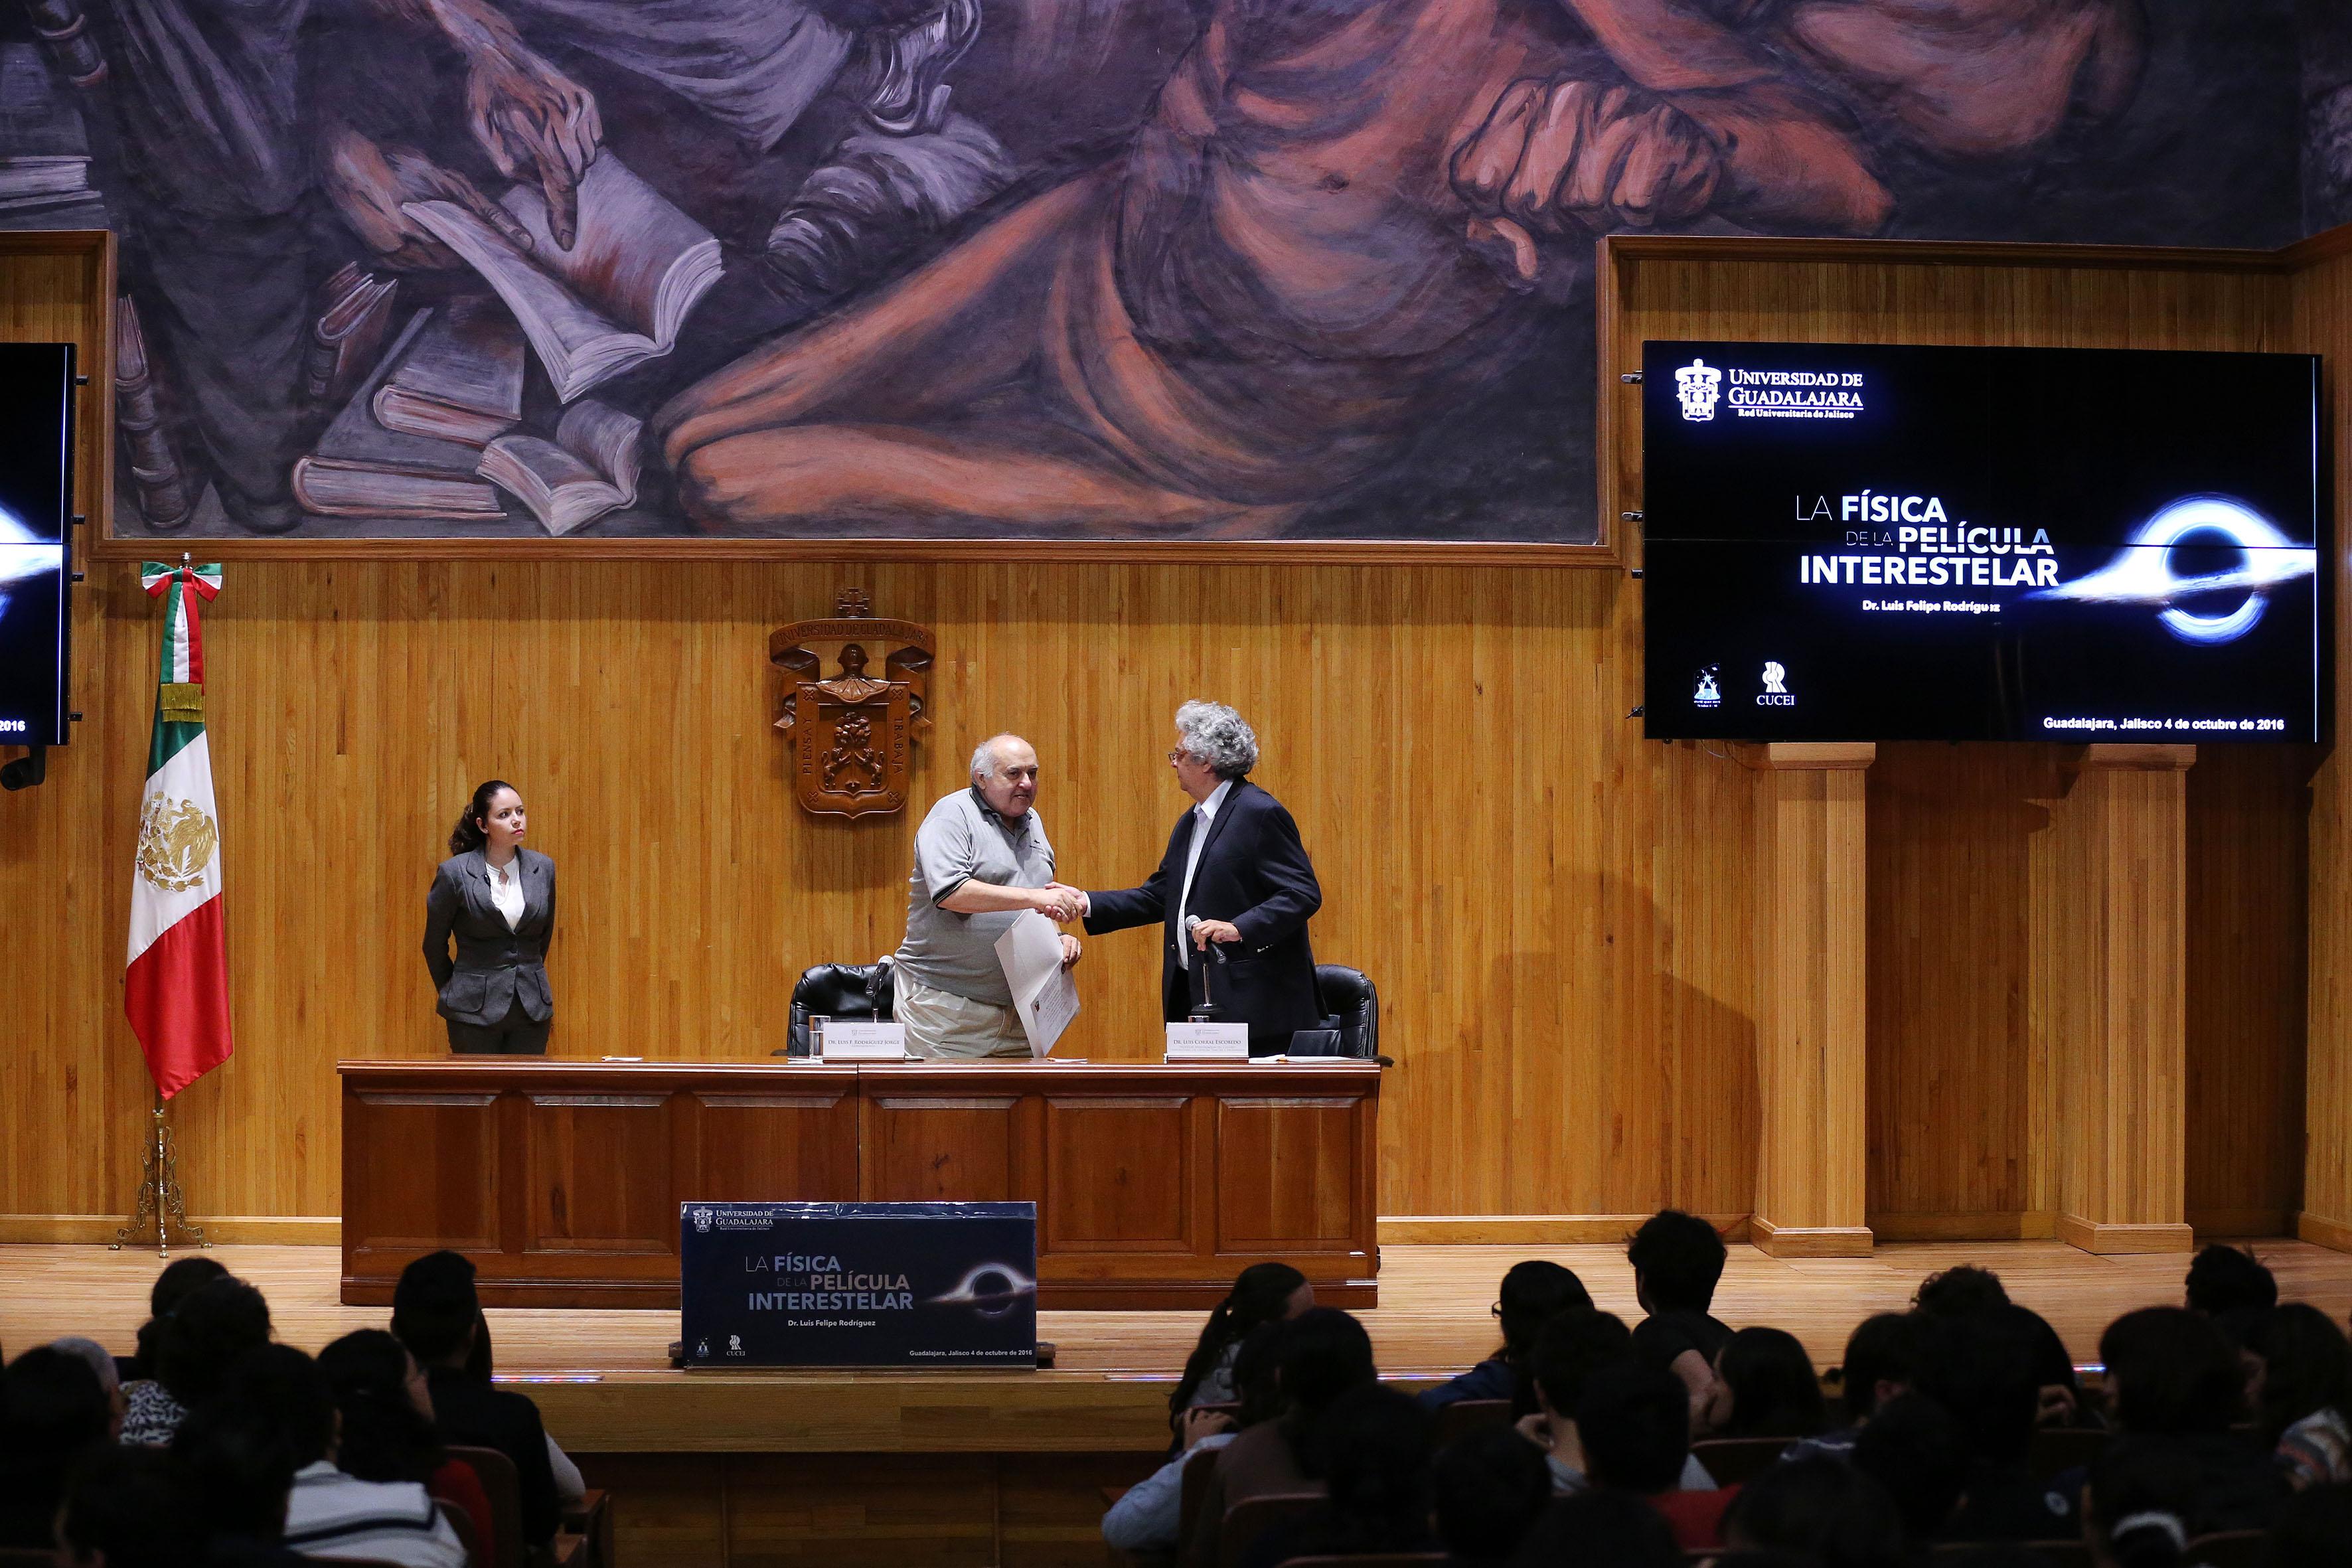 El doctor Luis Felipe Rodríguez Jorge estrechando la mano del doctor  Luis Corral Escobedo